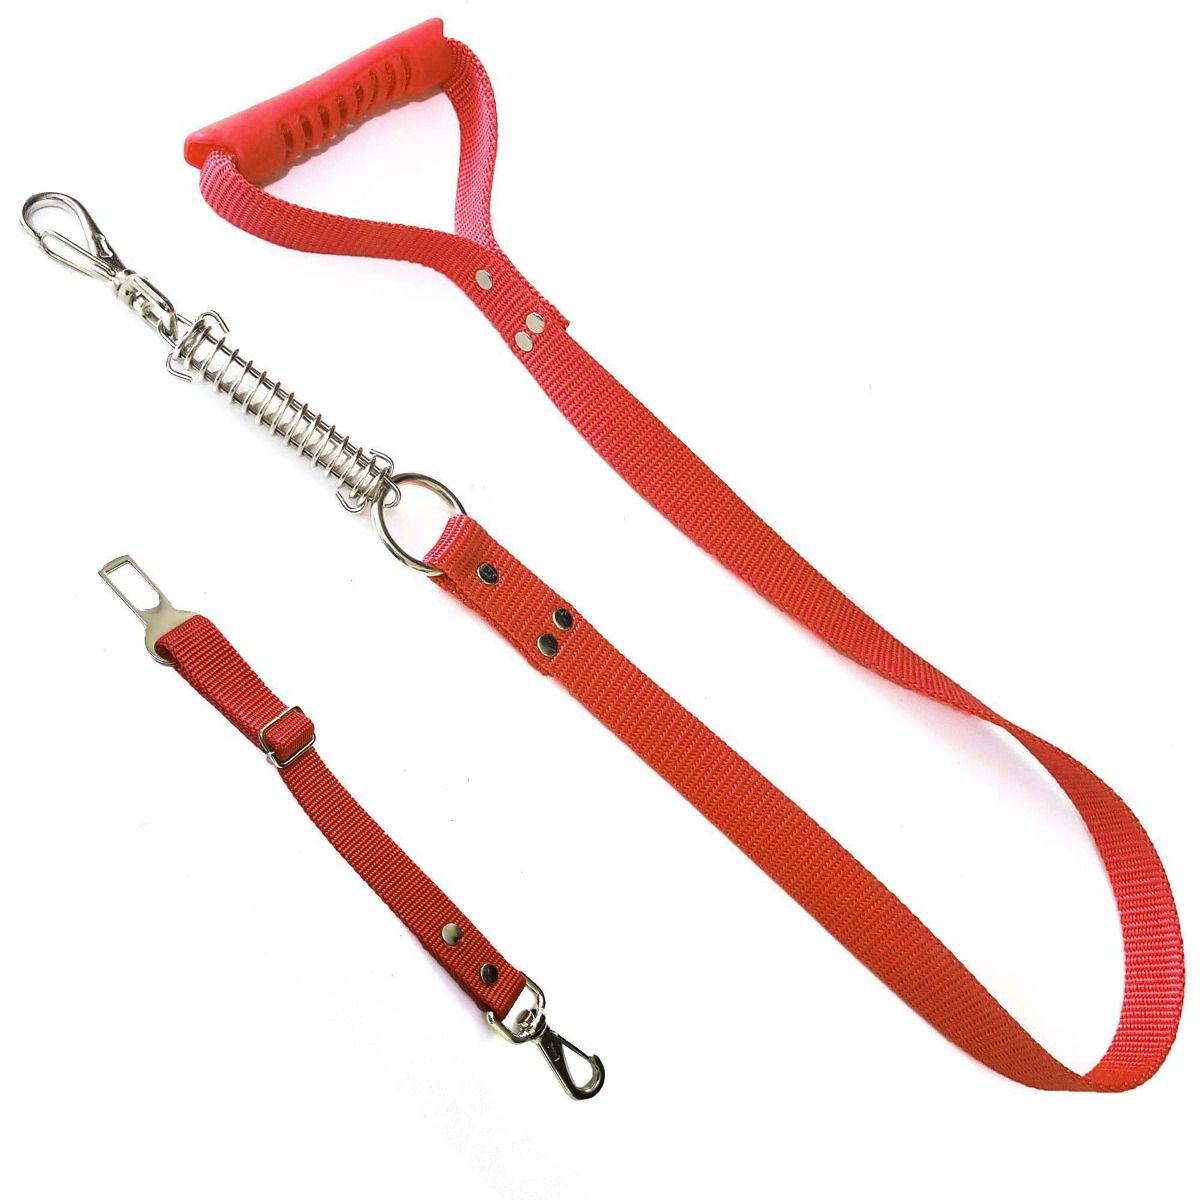 Coleira Peitoral Guia Cinto Segurança Cachorro Doberman Pitbull Anti Puxao - G Vermelho